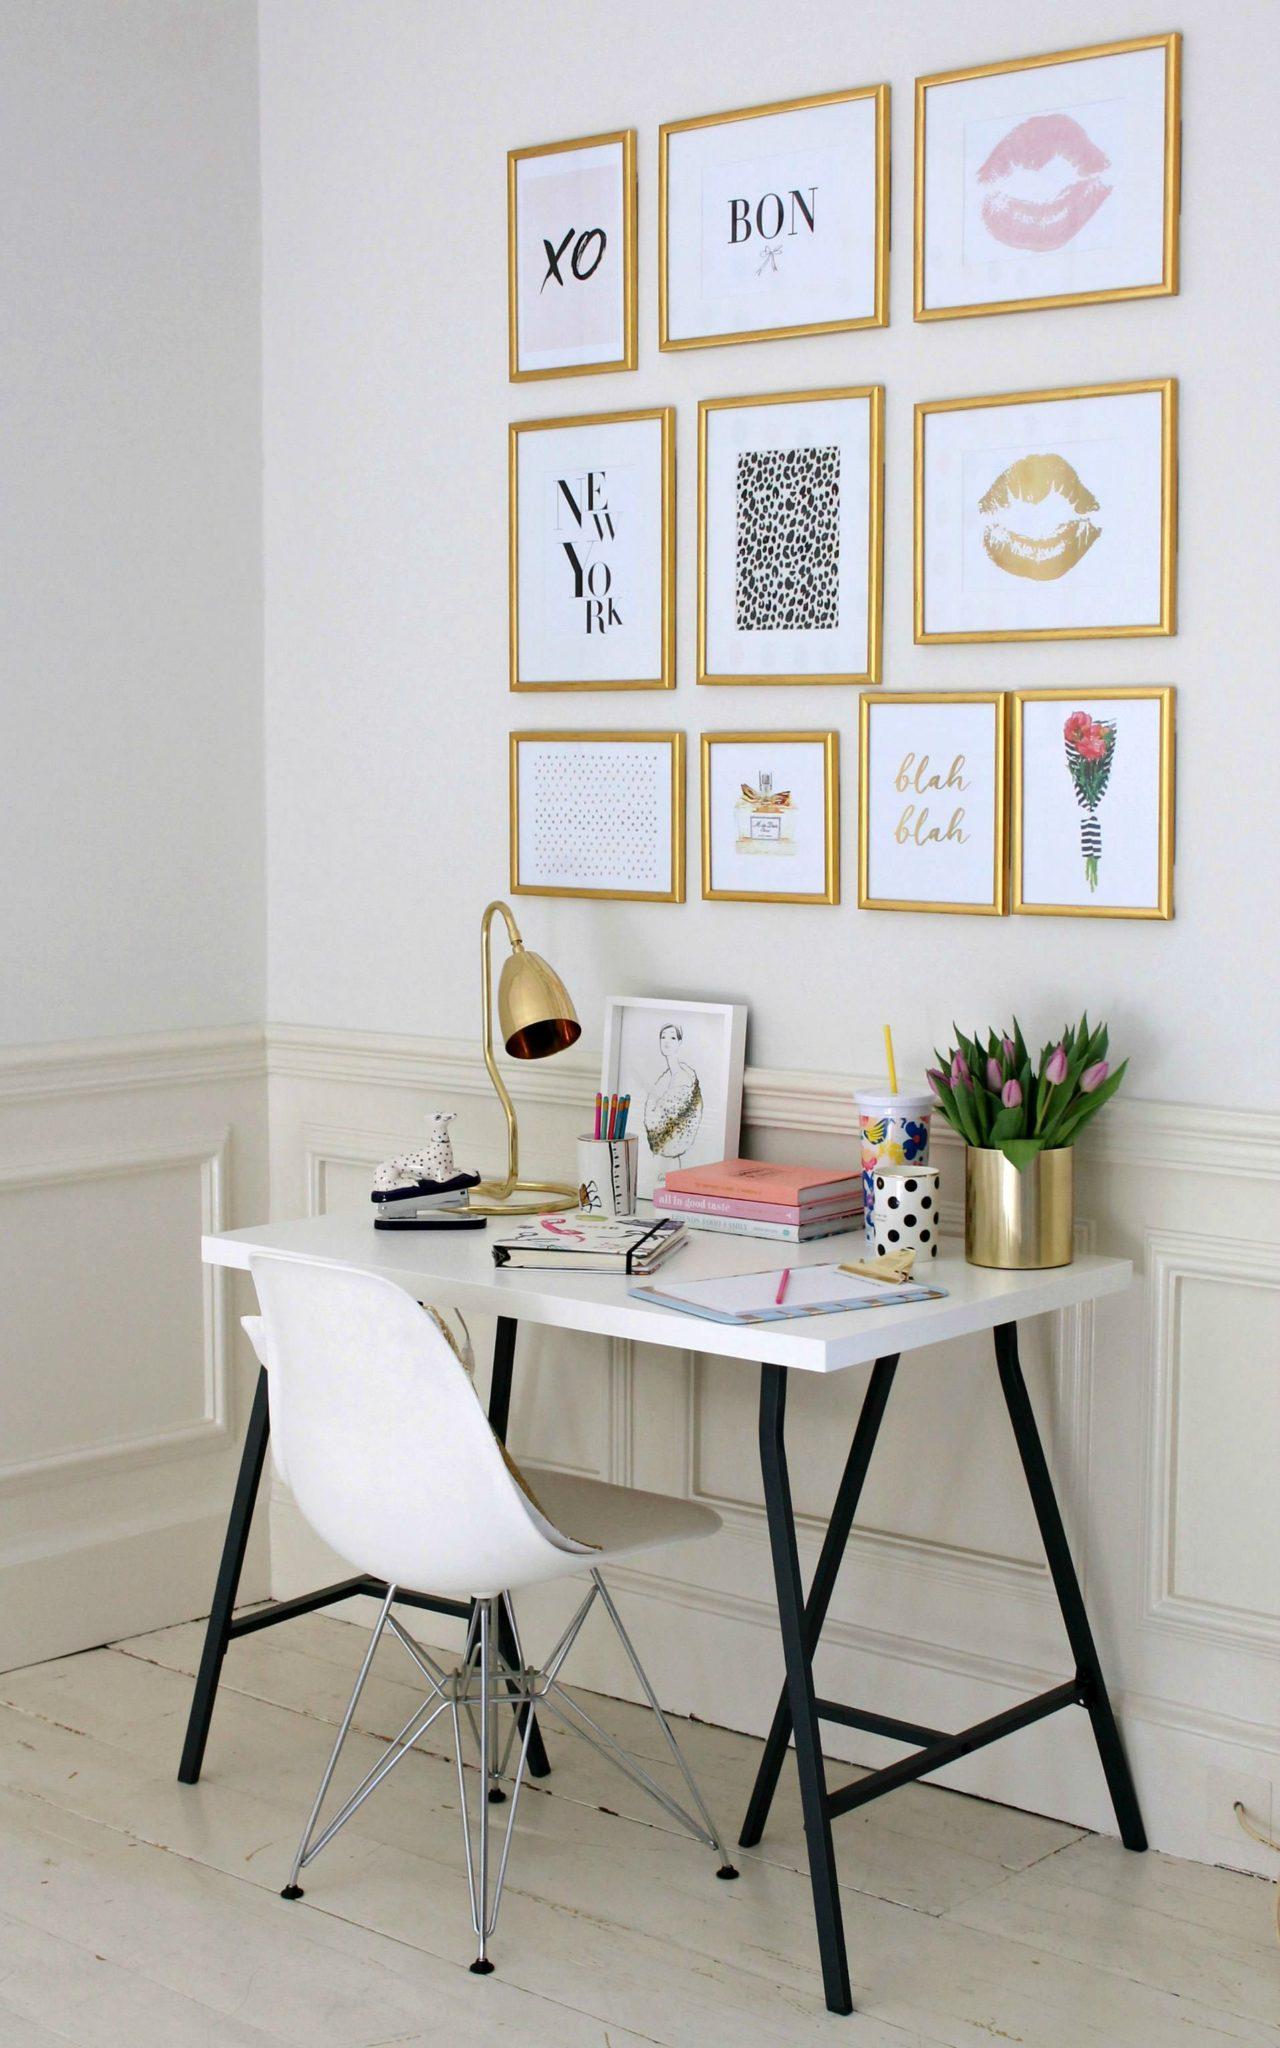 High Quality Wenn Die Kühnsten Goldstücke Als Atemberaubende Gerahmte Wandkunst  Präsentiert Werden, Erhält Ihr Büro Sofort Ein Professionelles Aussehen, ...